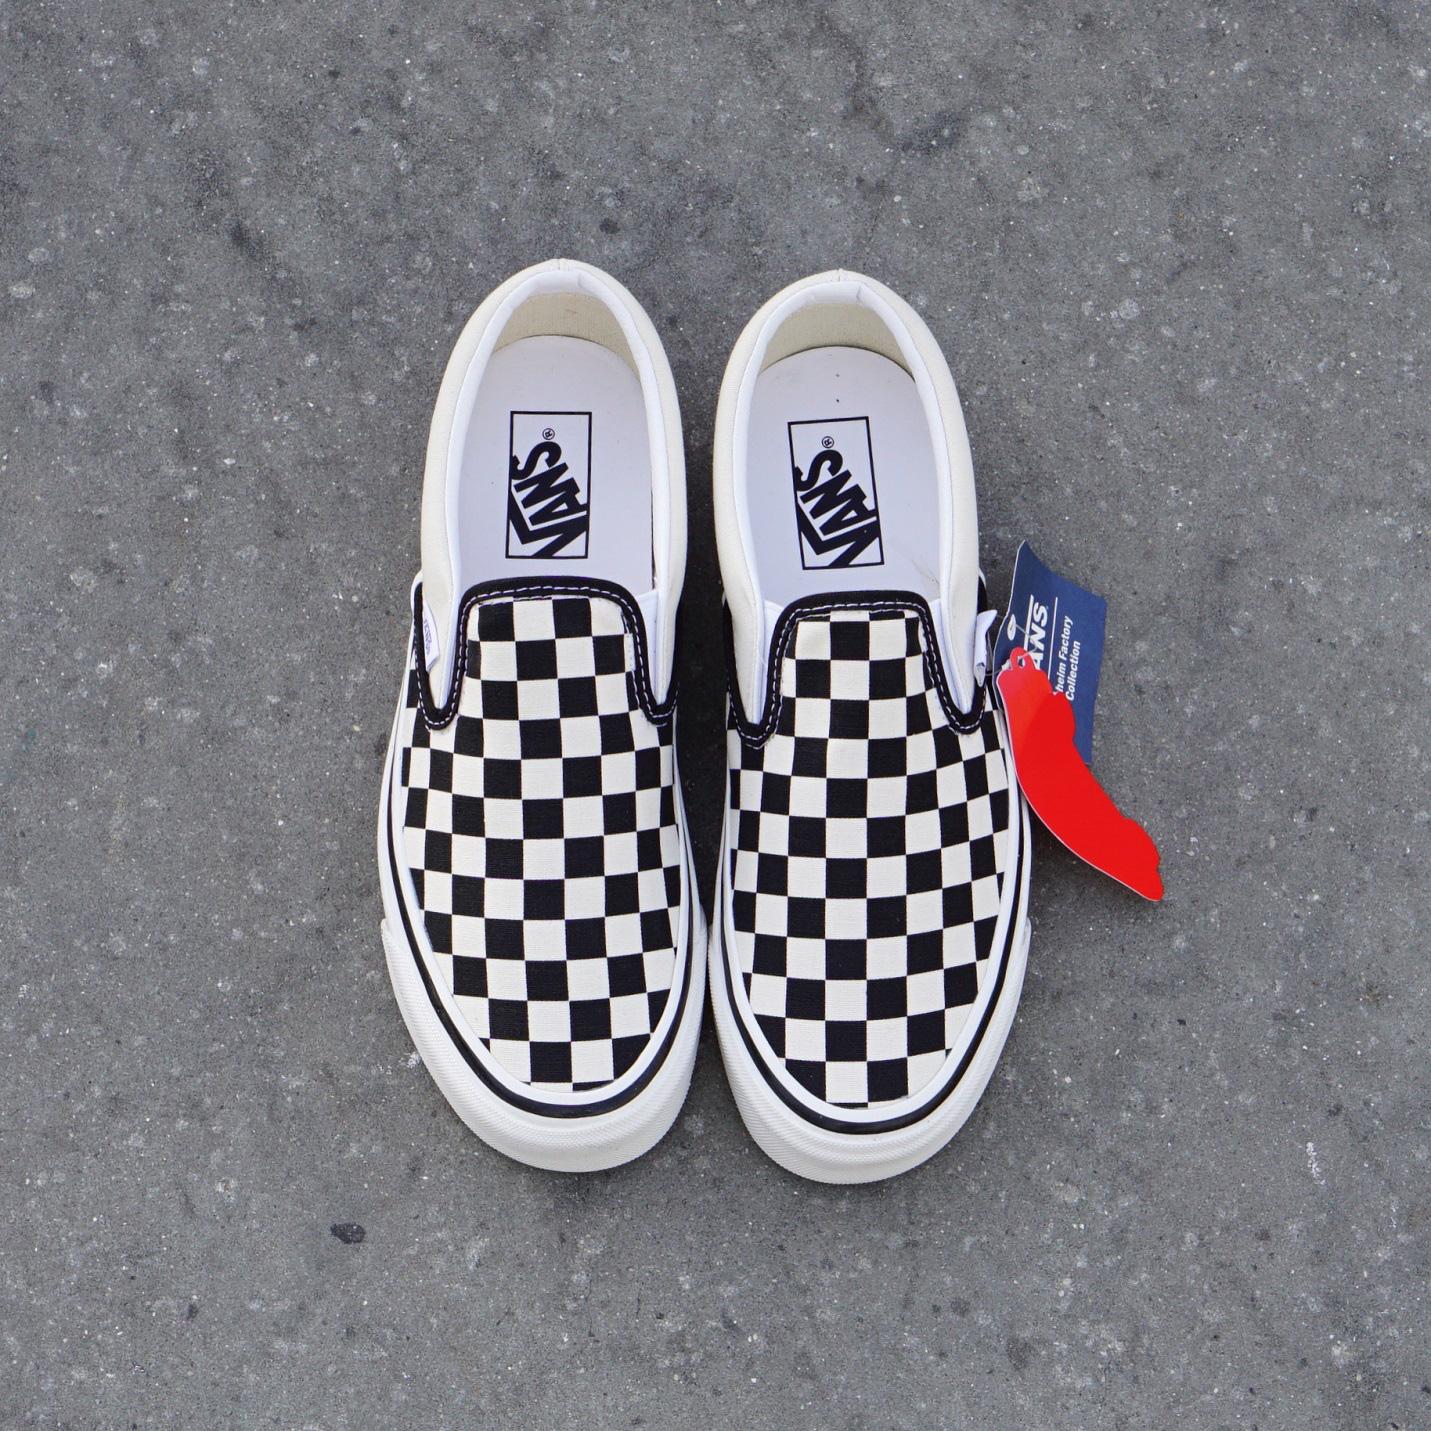 Vans x Fast Times nhắc lại màn debut kinh điển của đôi Slip-on Checkerboard những năm 80 - Ảnh 5.